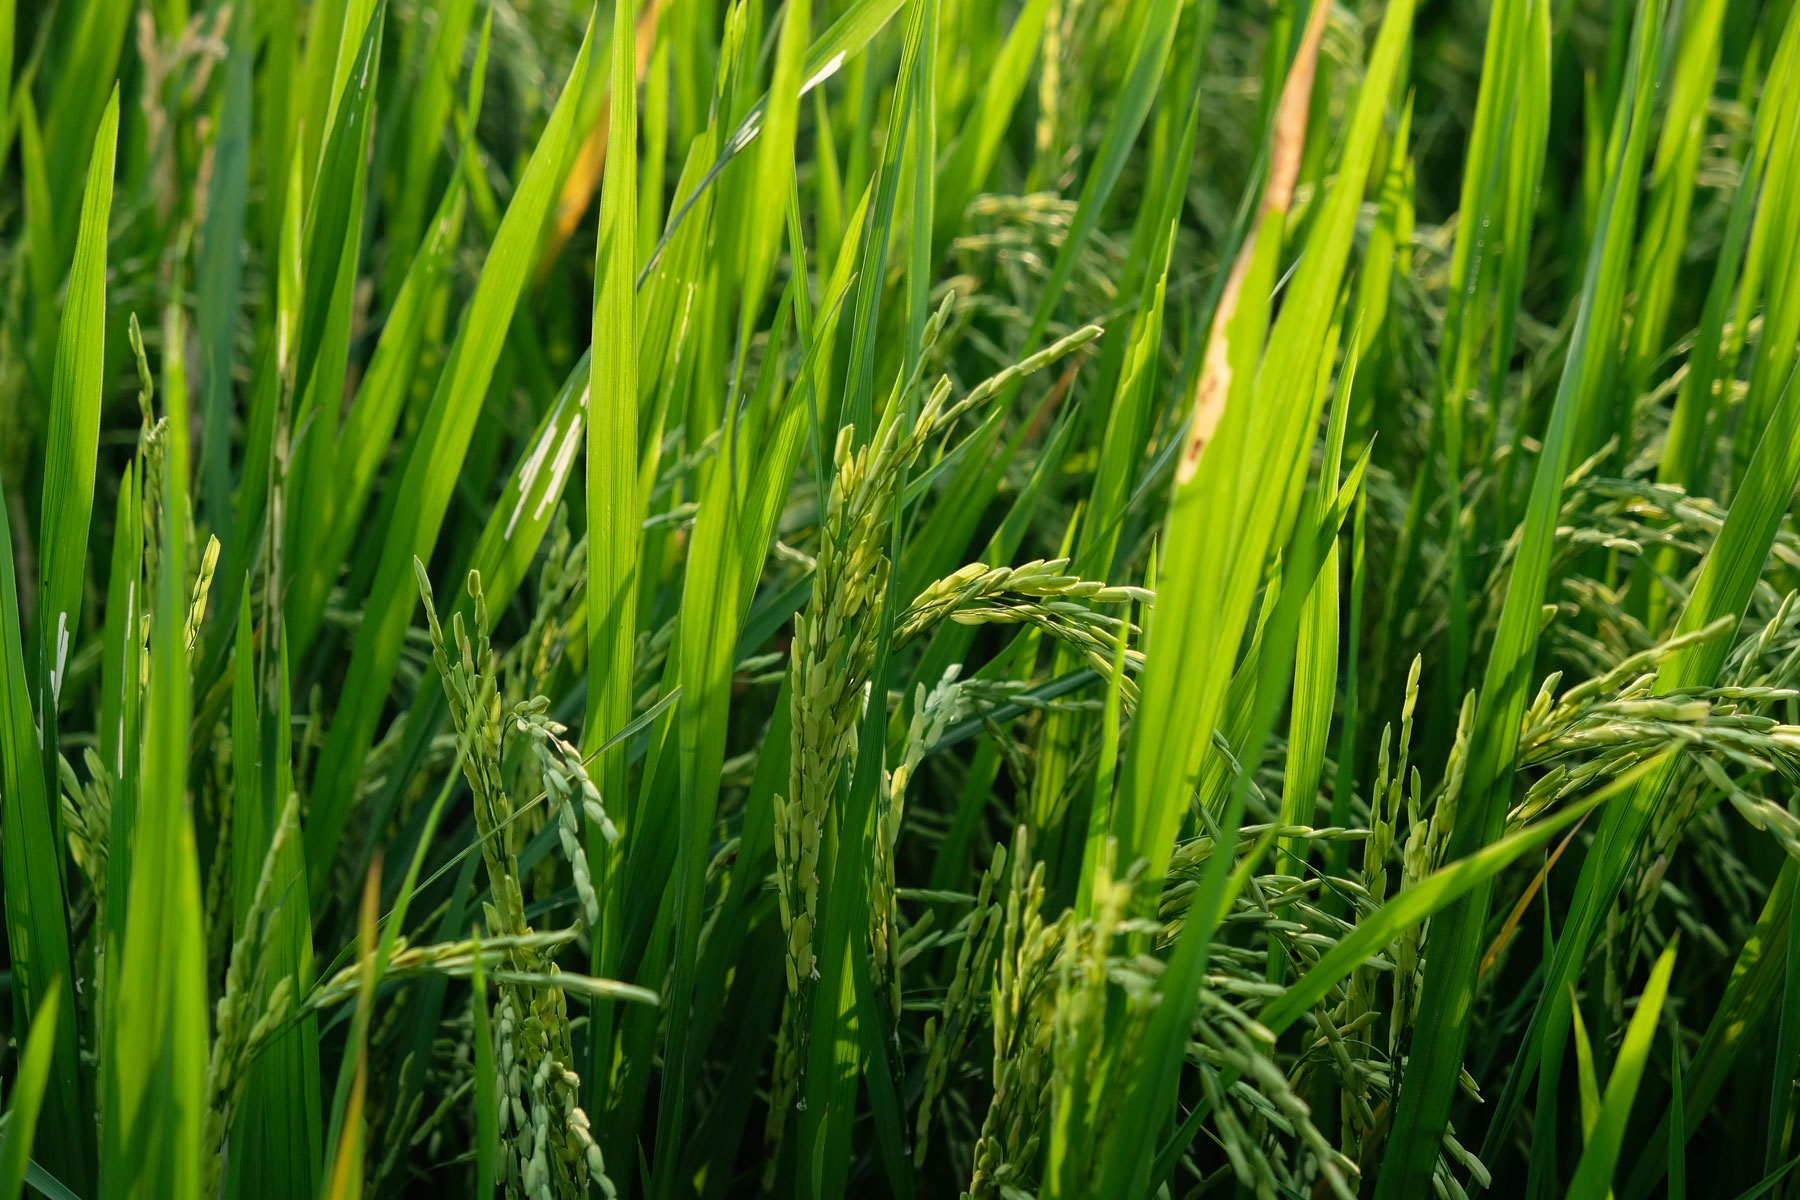 Reis aus der Nähe betrachtet, man sieht die kleinen Reiskörner.